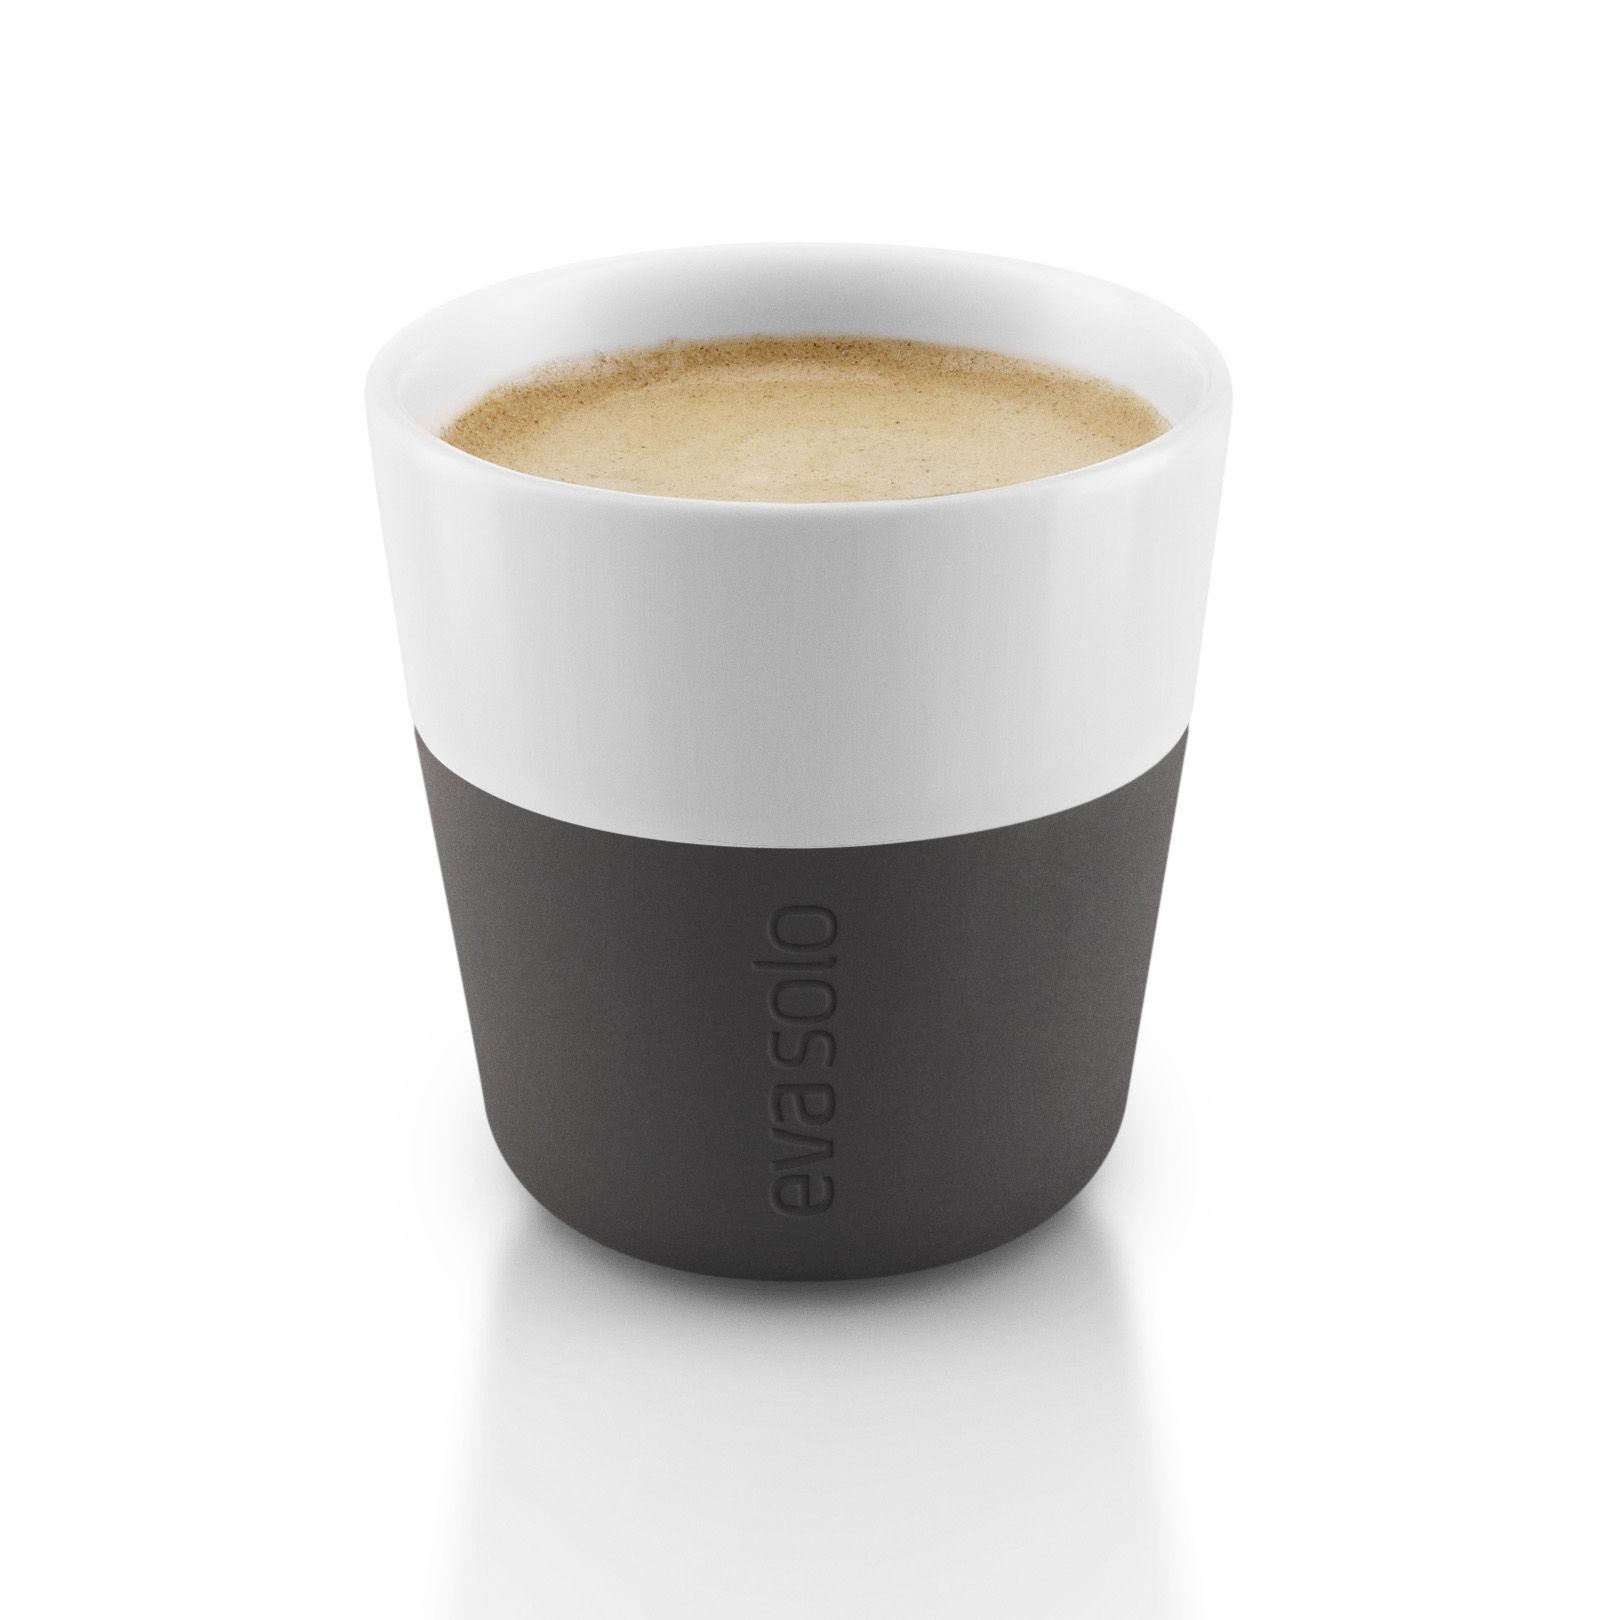 Espresso Cup By Eva Solo White Black Made In Design Uk